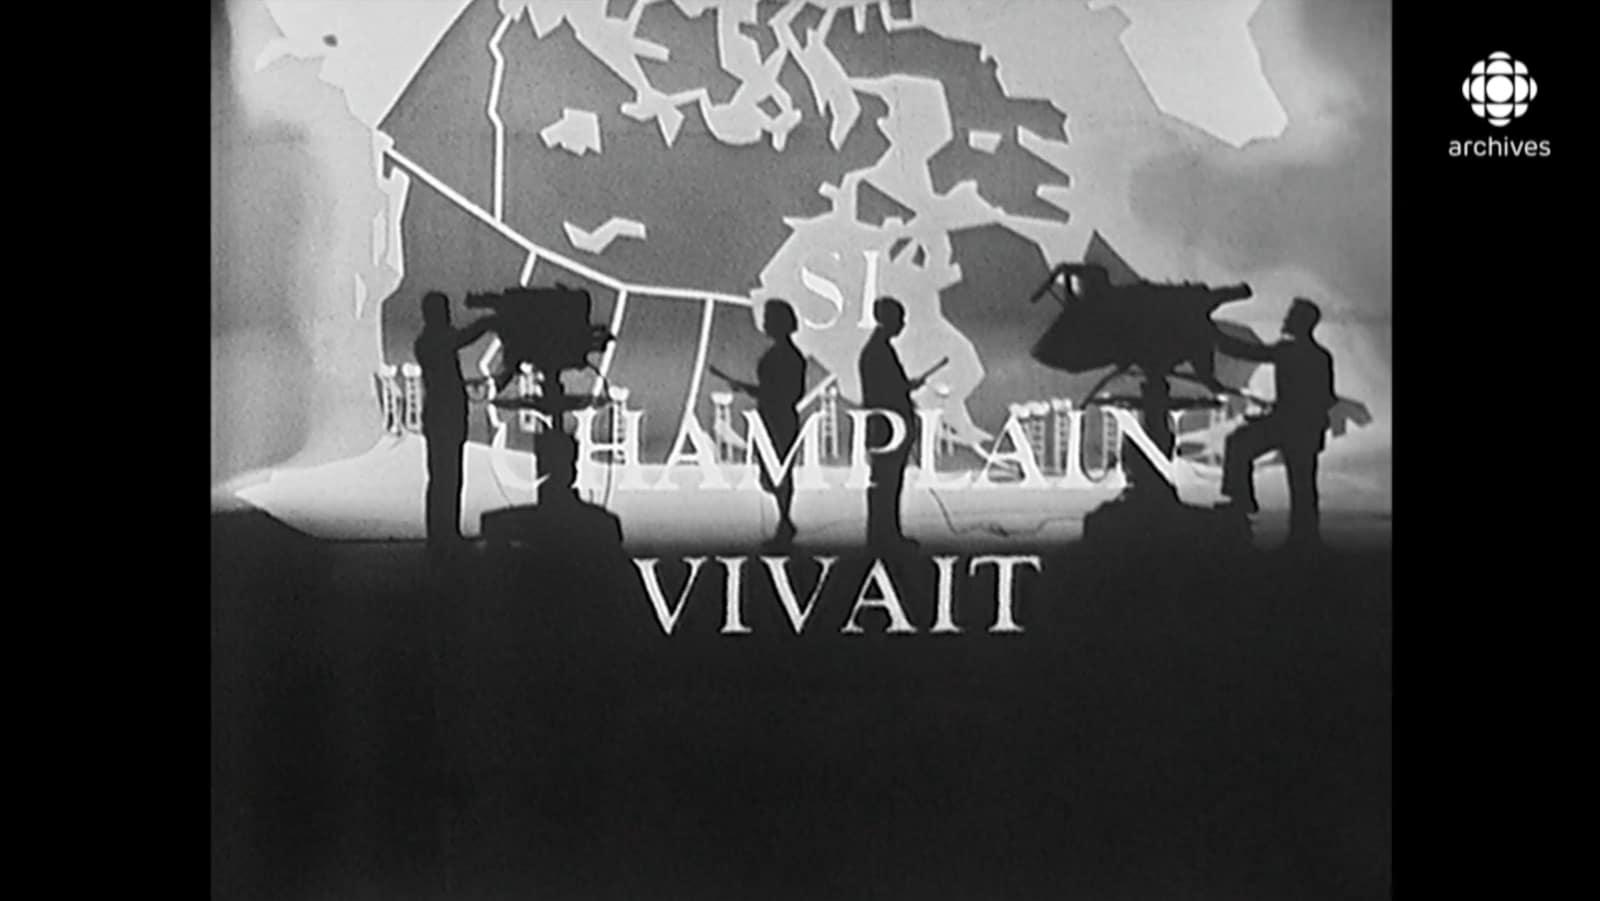 Ouverture de l'émission montrant les animateurs dos à dos, parlant à la caméra devant une grande carte du Canada.